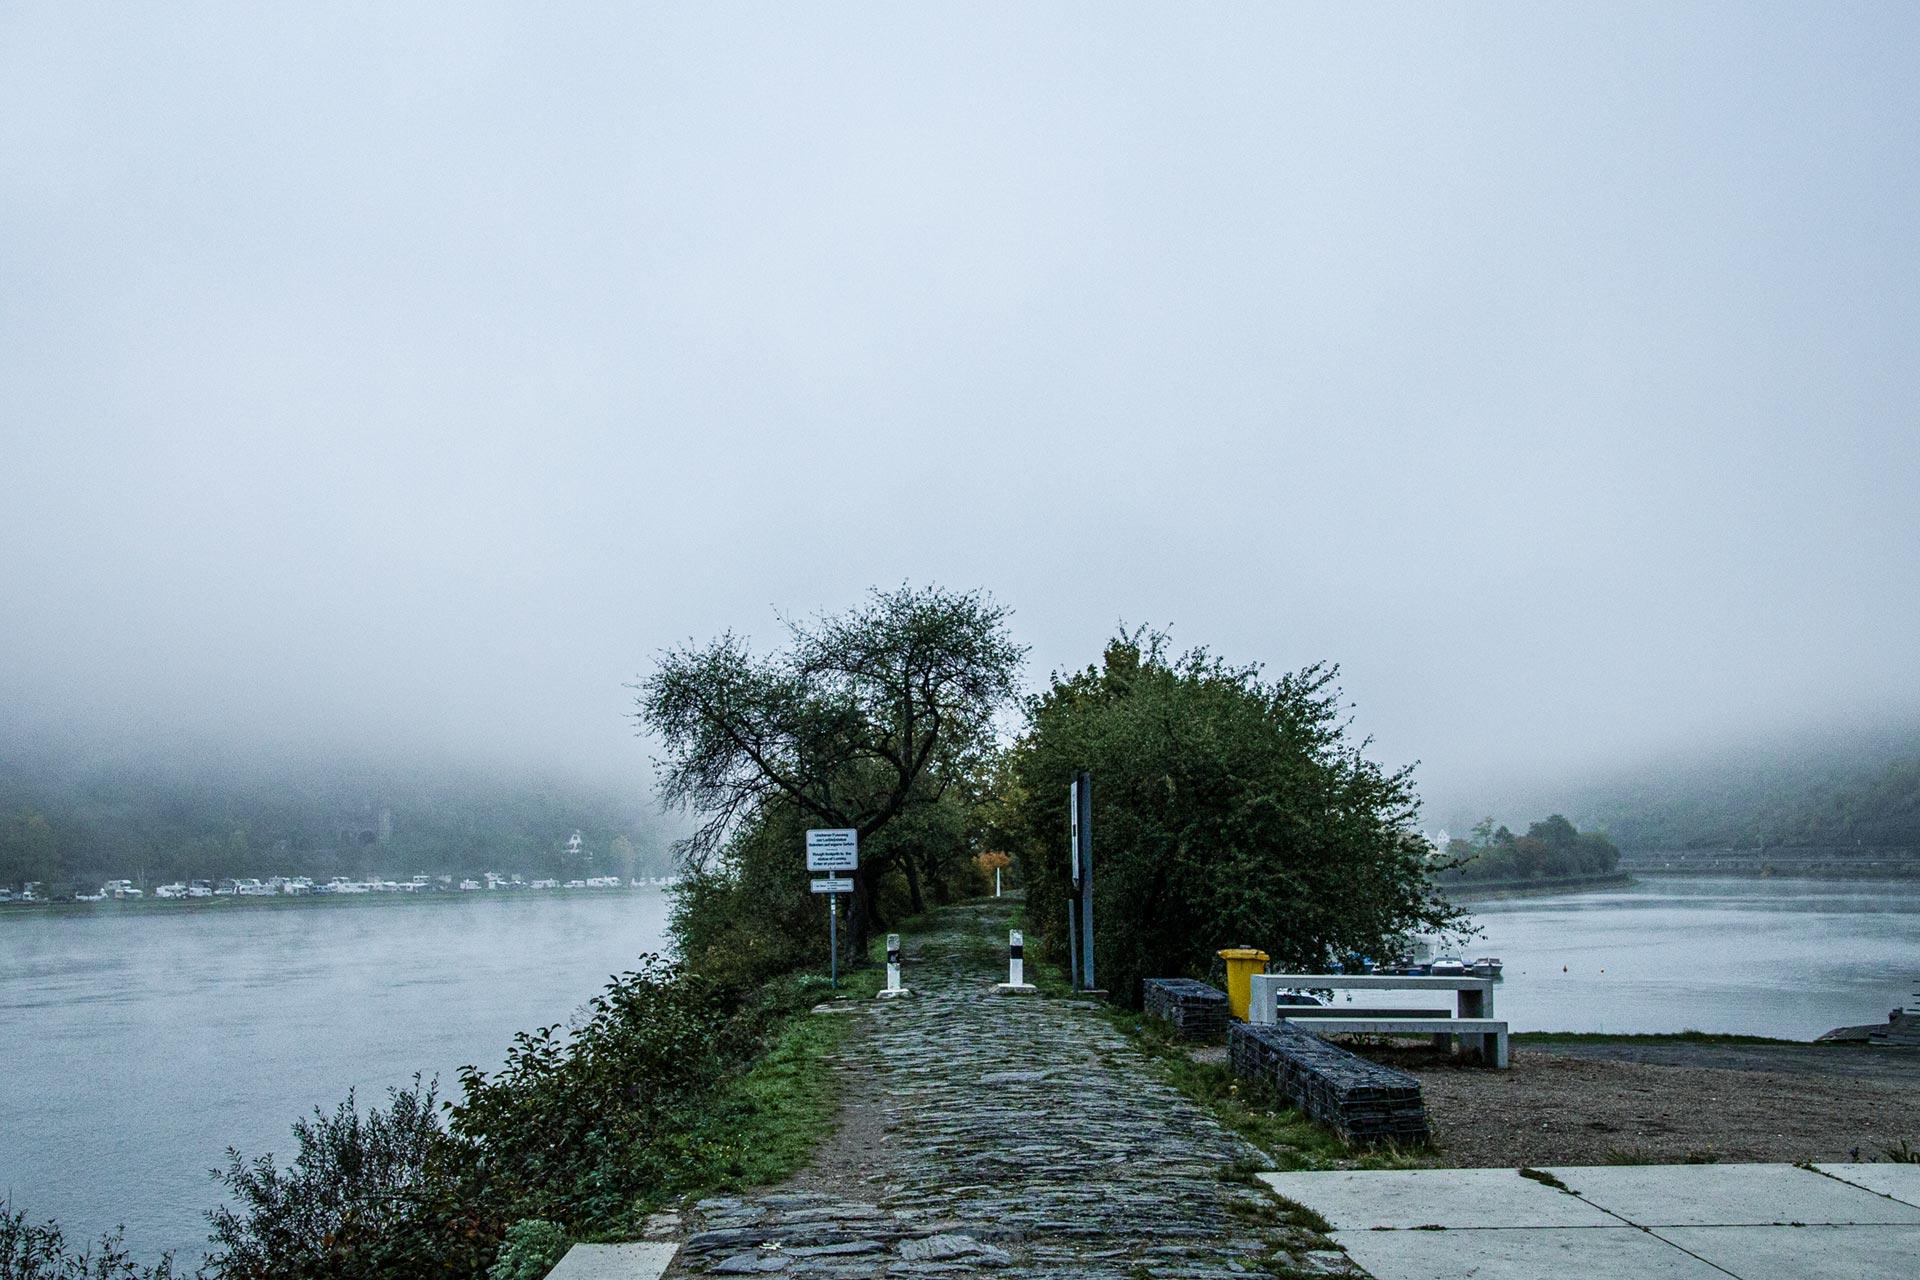 Noch hängt der Nebel tief über dem Rhein, soll sich aber im Laufe des Tages lichten.